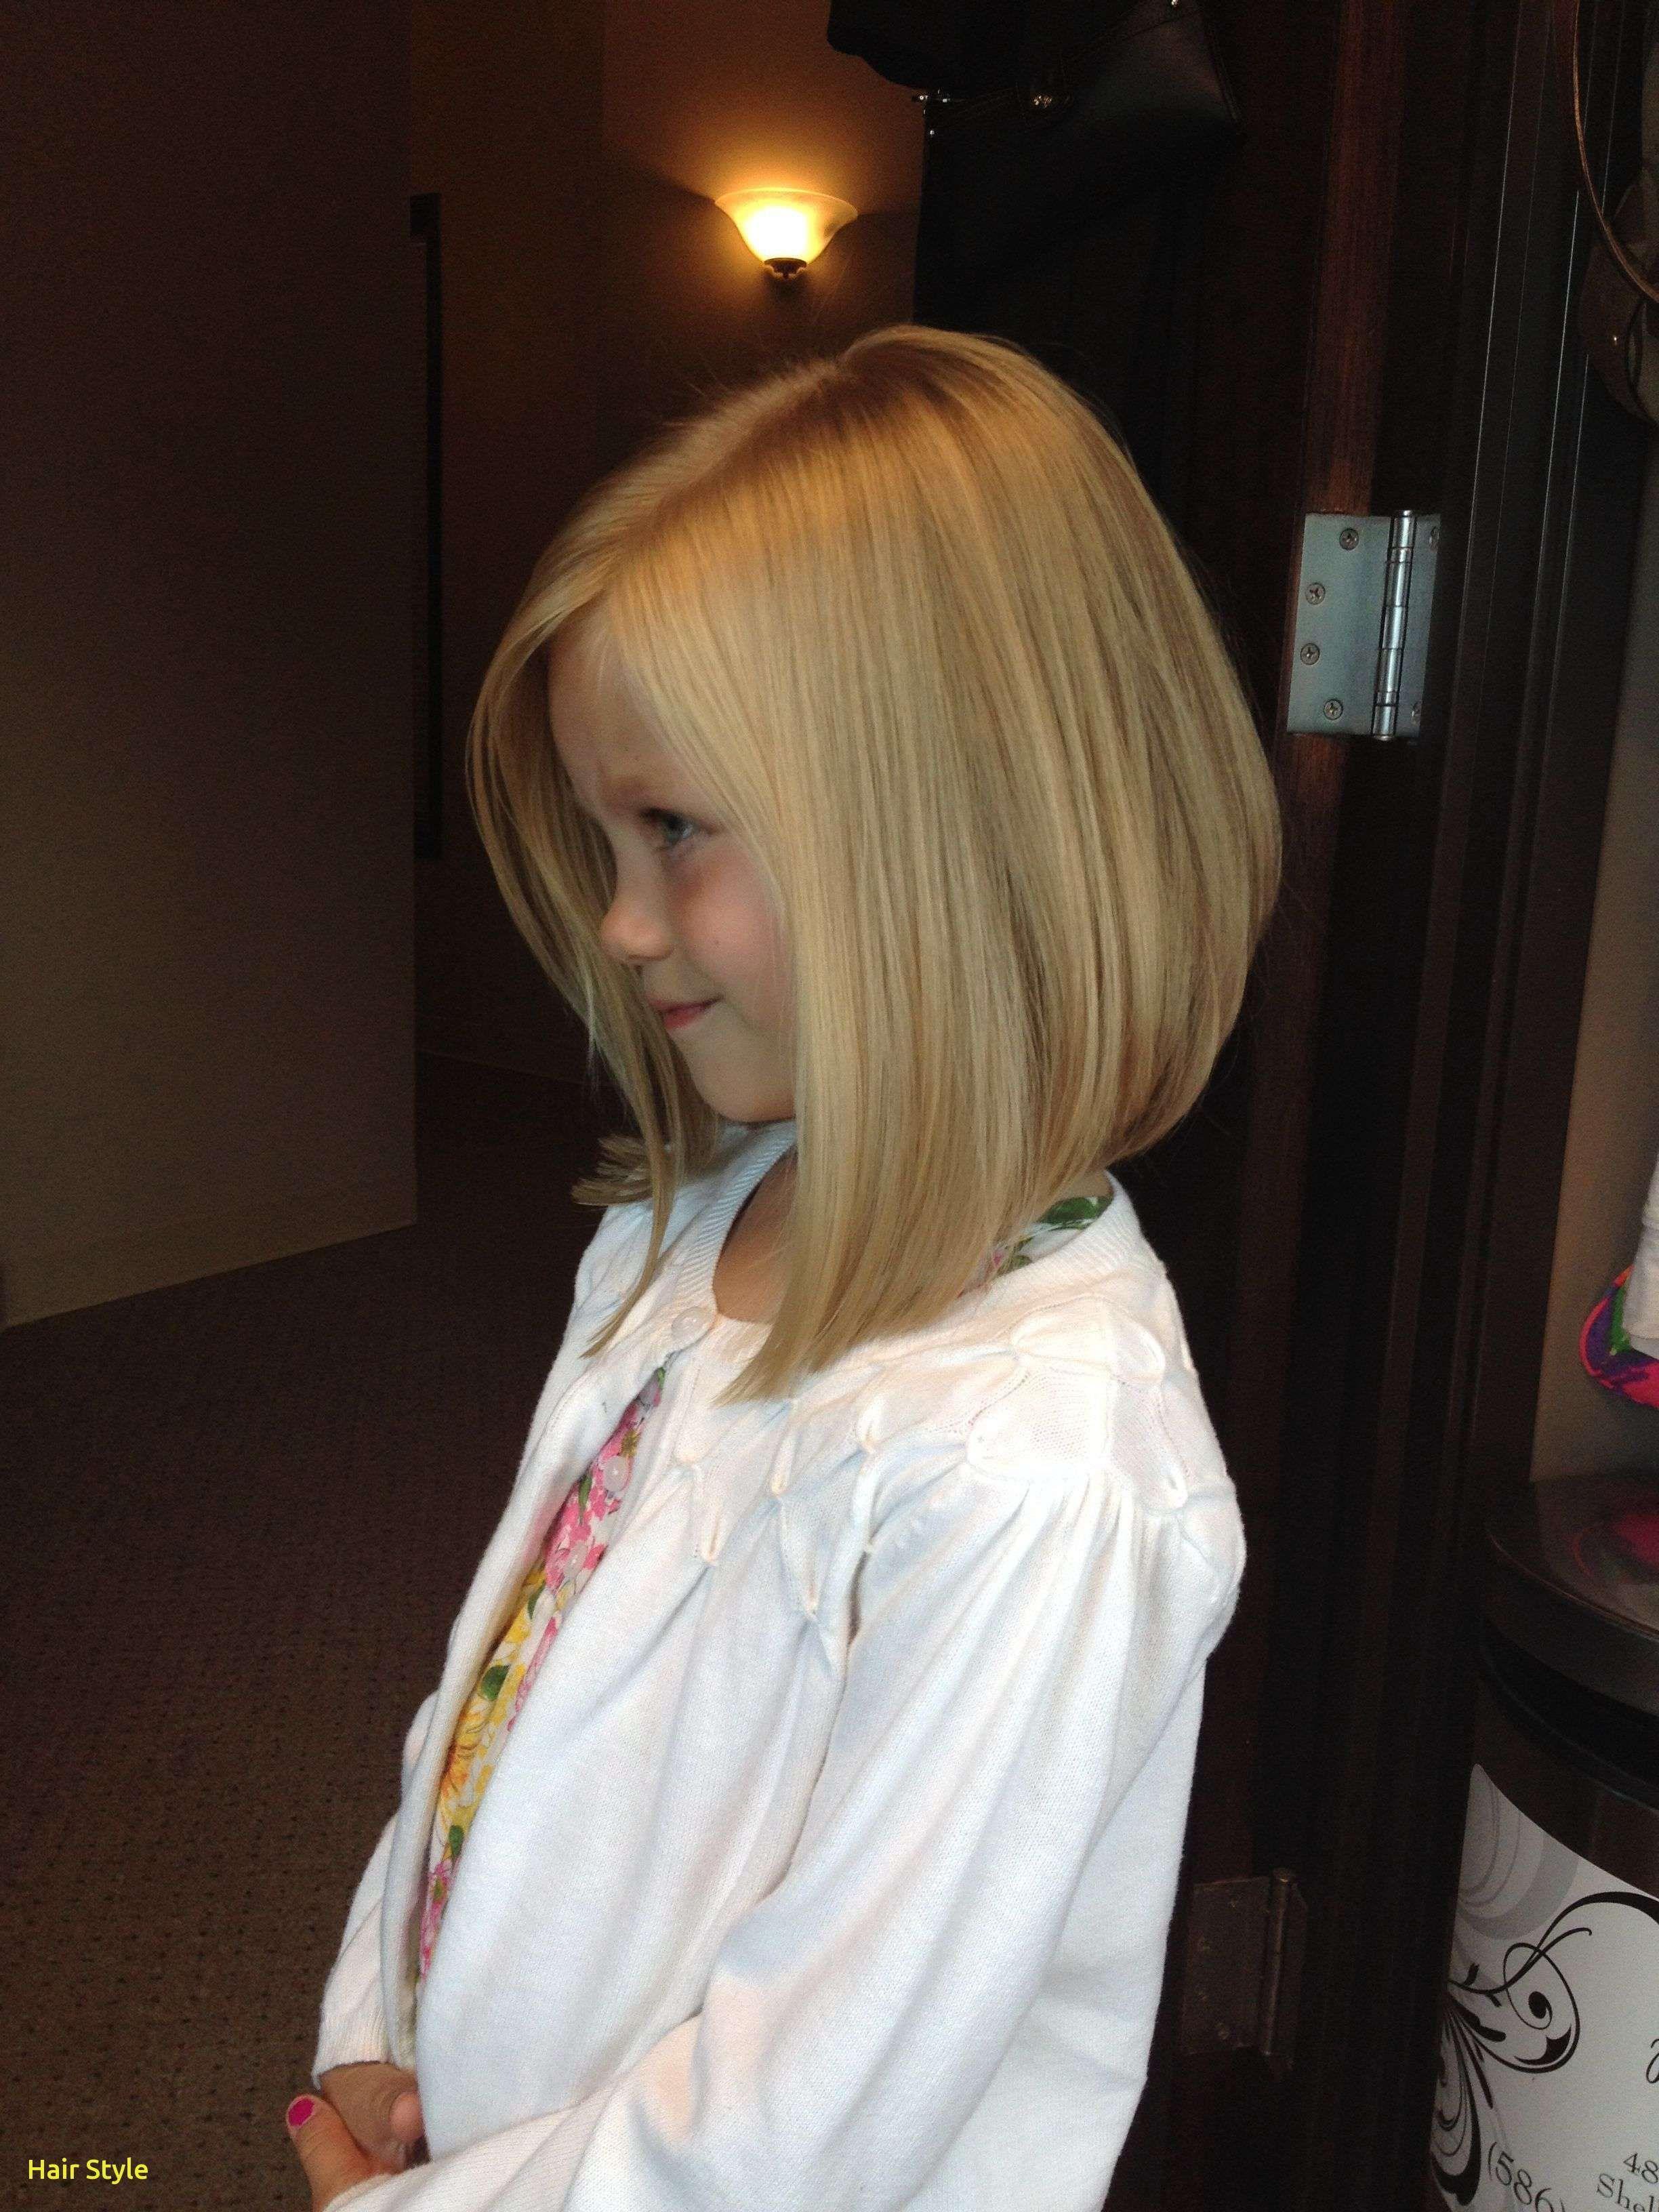 Frisches Kleines Madchen Bob Haircut Mit Pony Feineshaar Haarschnitte Frisur Fresh Little Girl Bob In 2020 Madchen Haarschnitt Haarschnitt Haarschnitt Bob